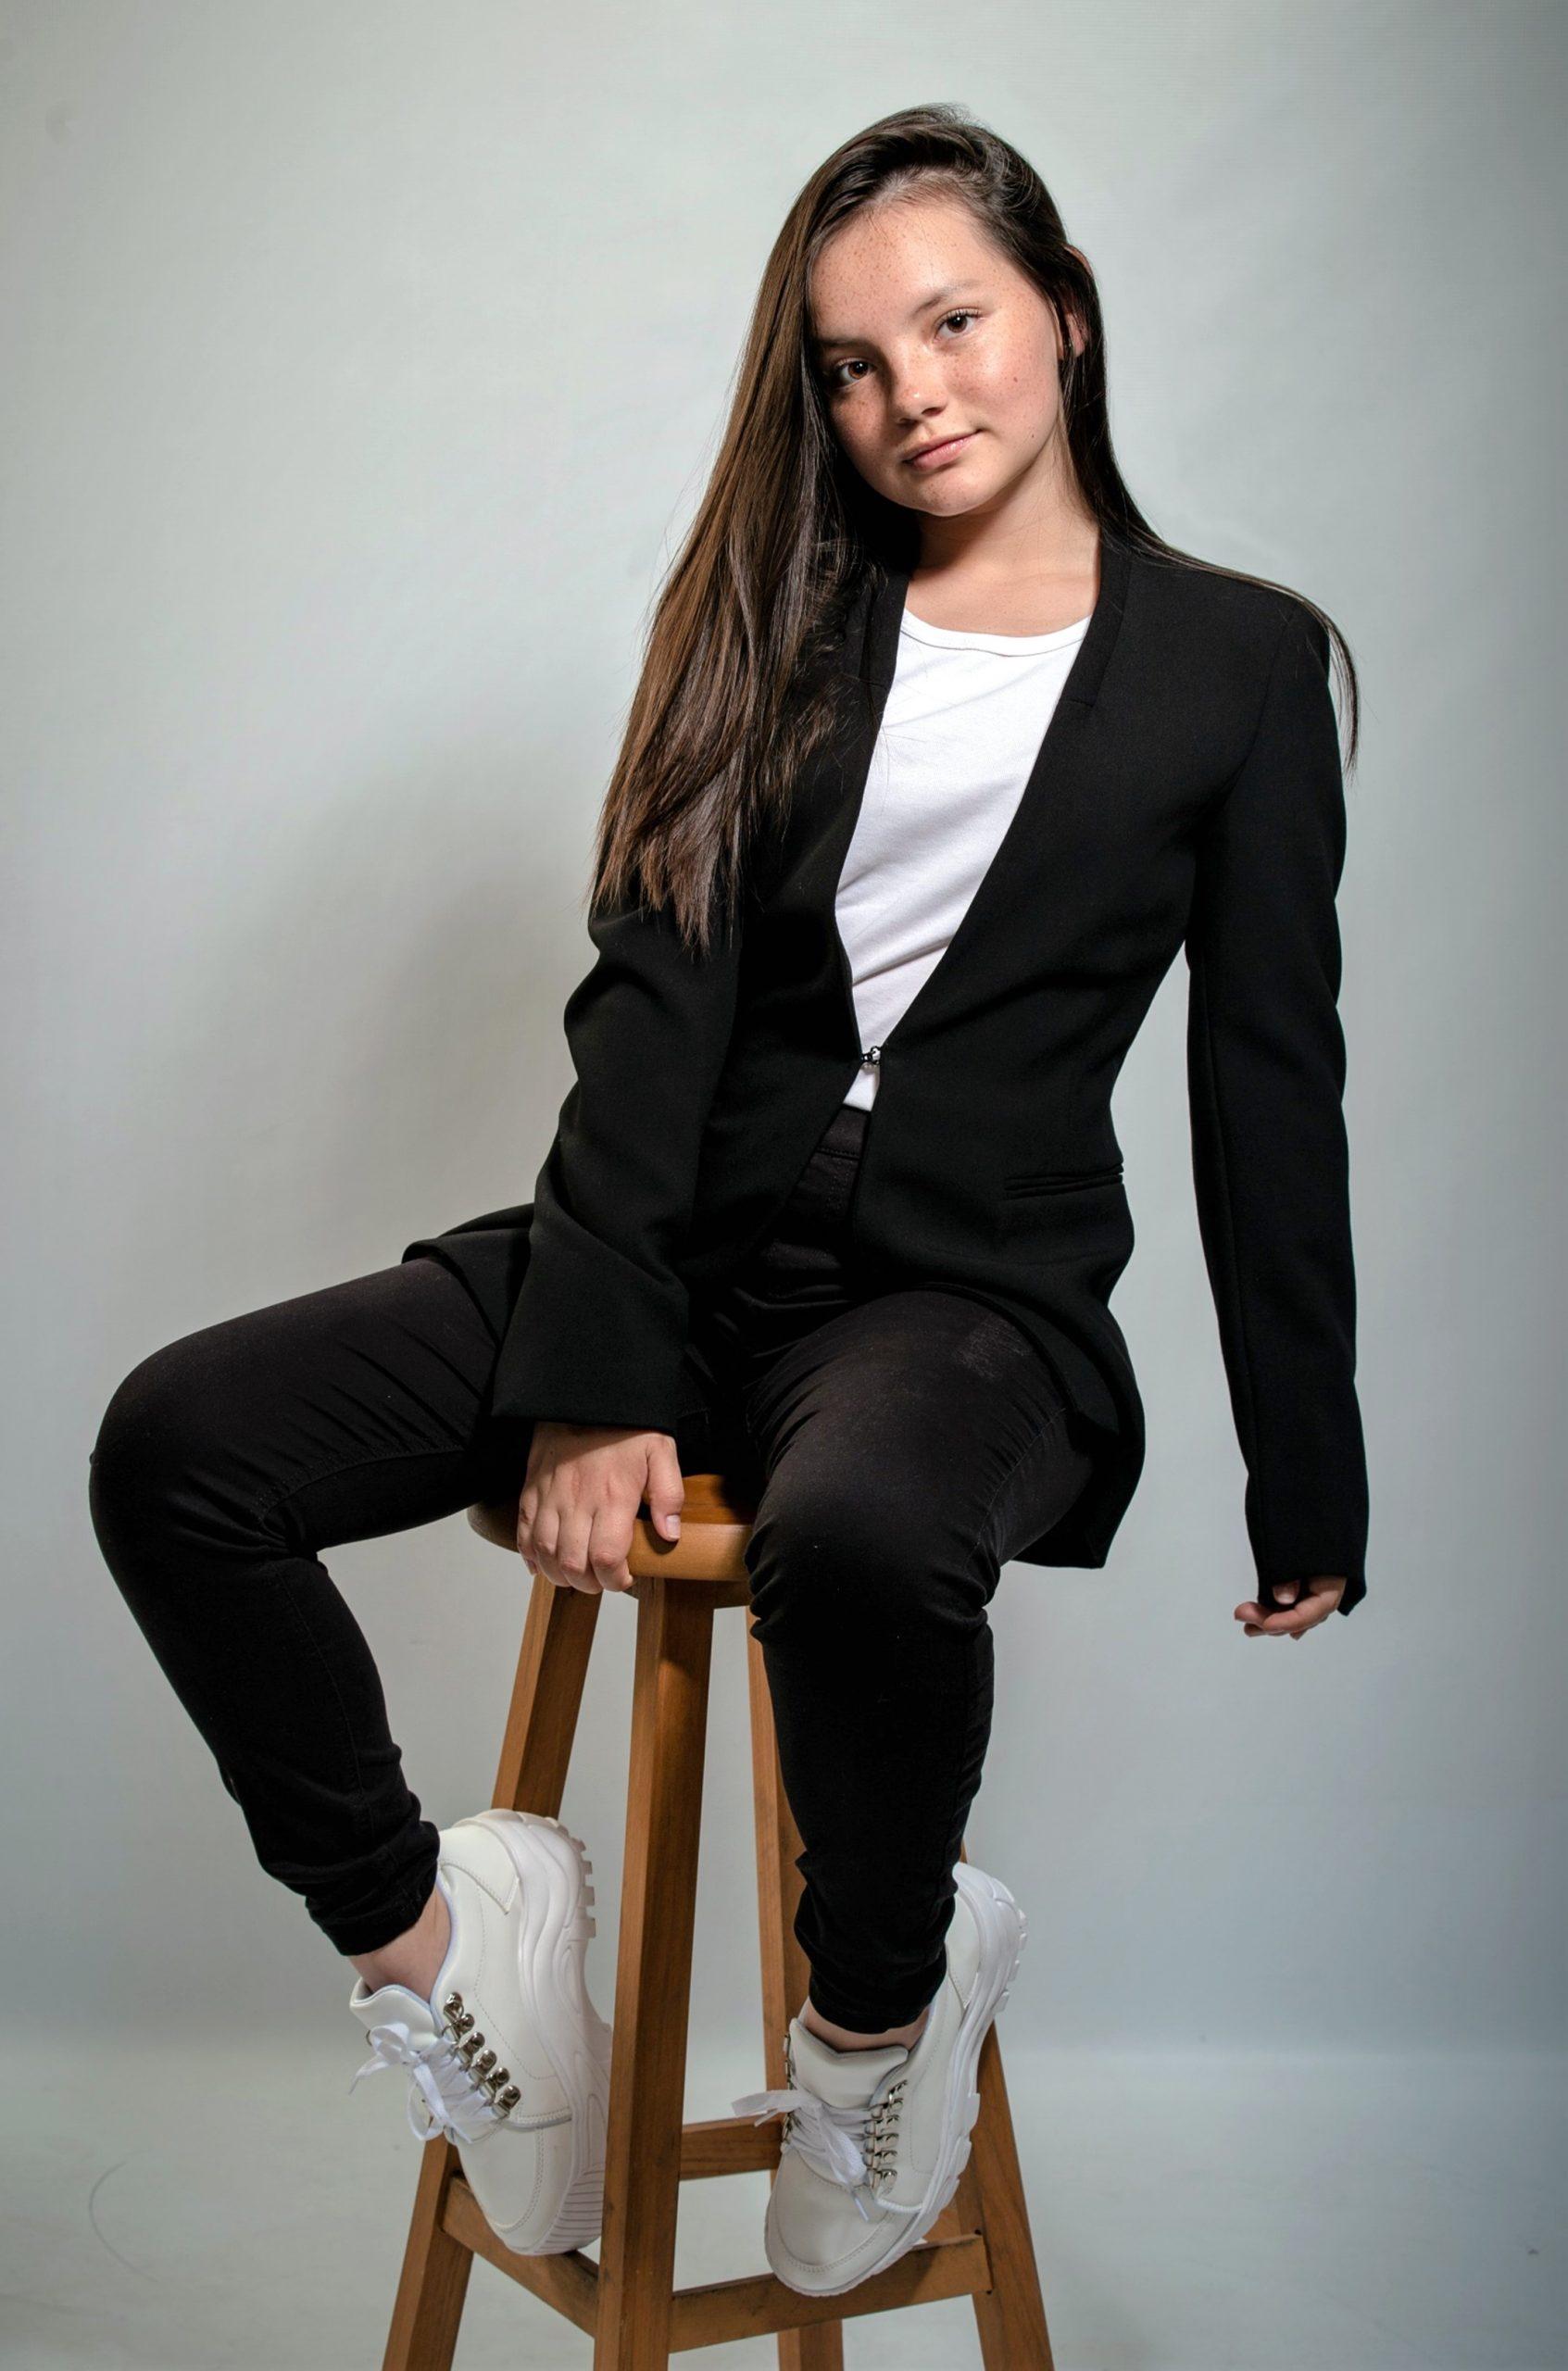 """""""El internado: Las Cumbres"""", la nueva serie que tendrá a la actriz peruana en su reparto, es una producción original de Amazon Prime en la que también participan productoras como Globomedia, Mediapro y Atresmedia. Su estreno en Amazon Prime está previsto para el 19 de febrero."""